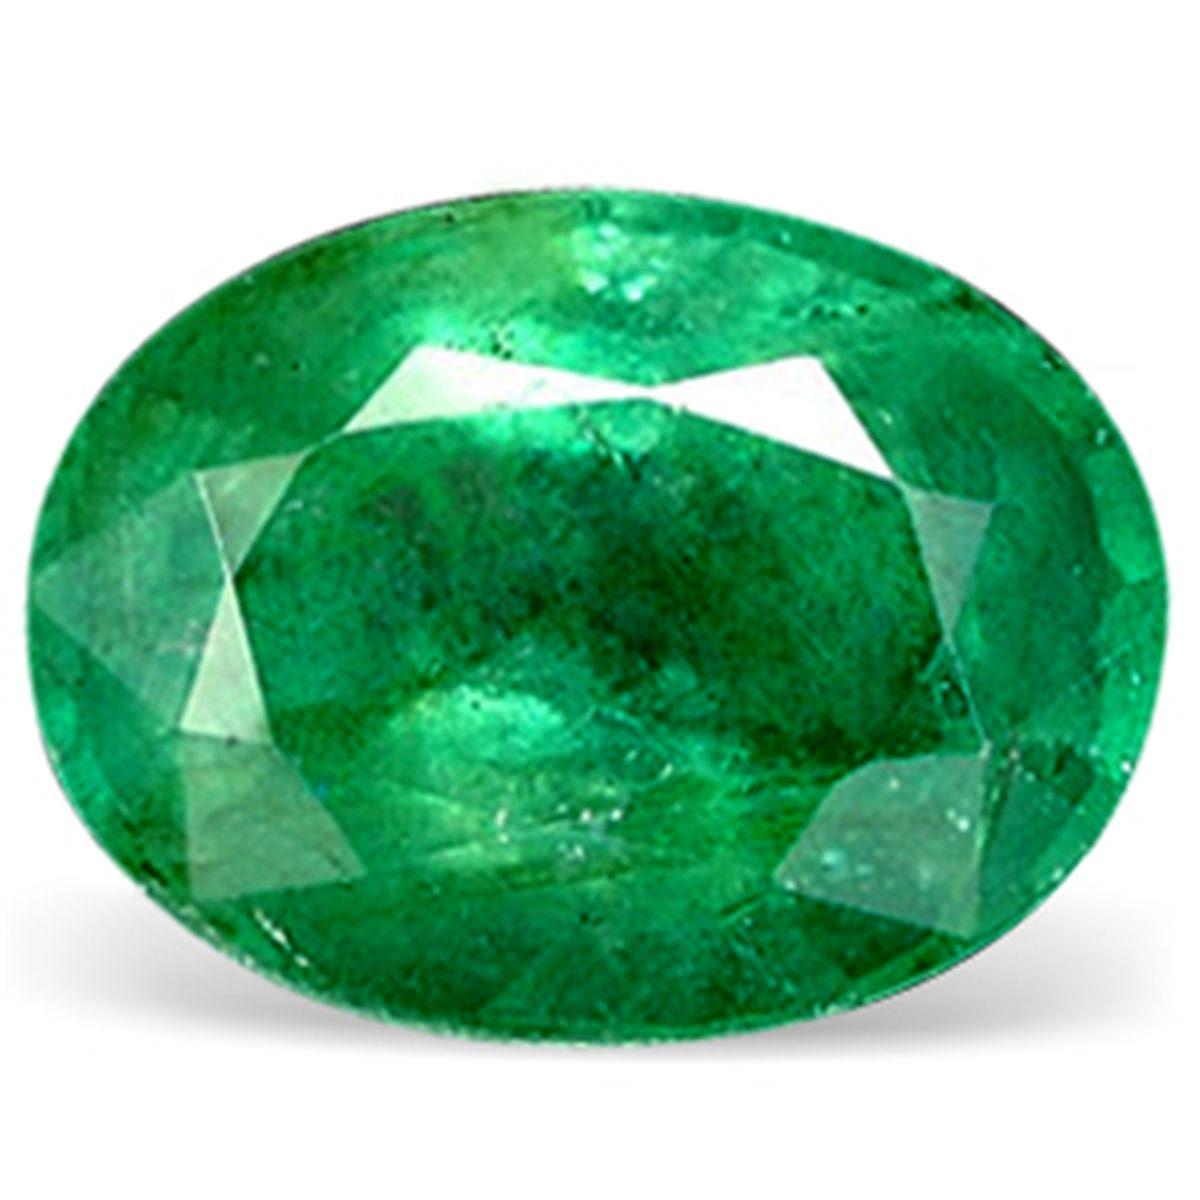 Resultado de imagen para emerald gemstones